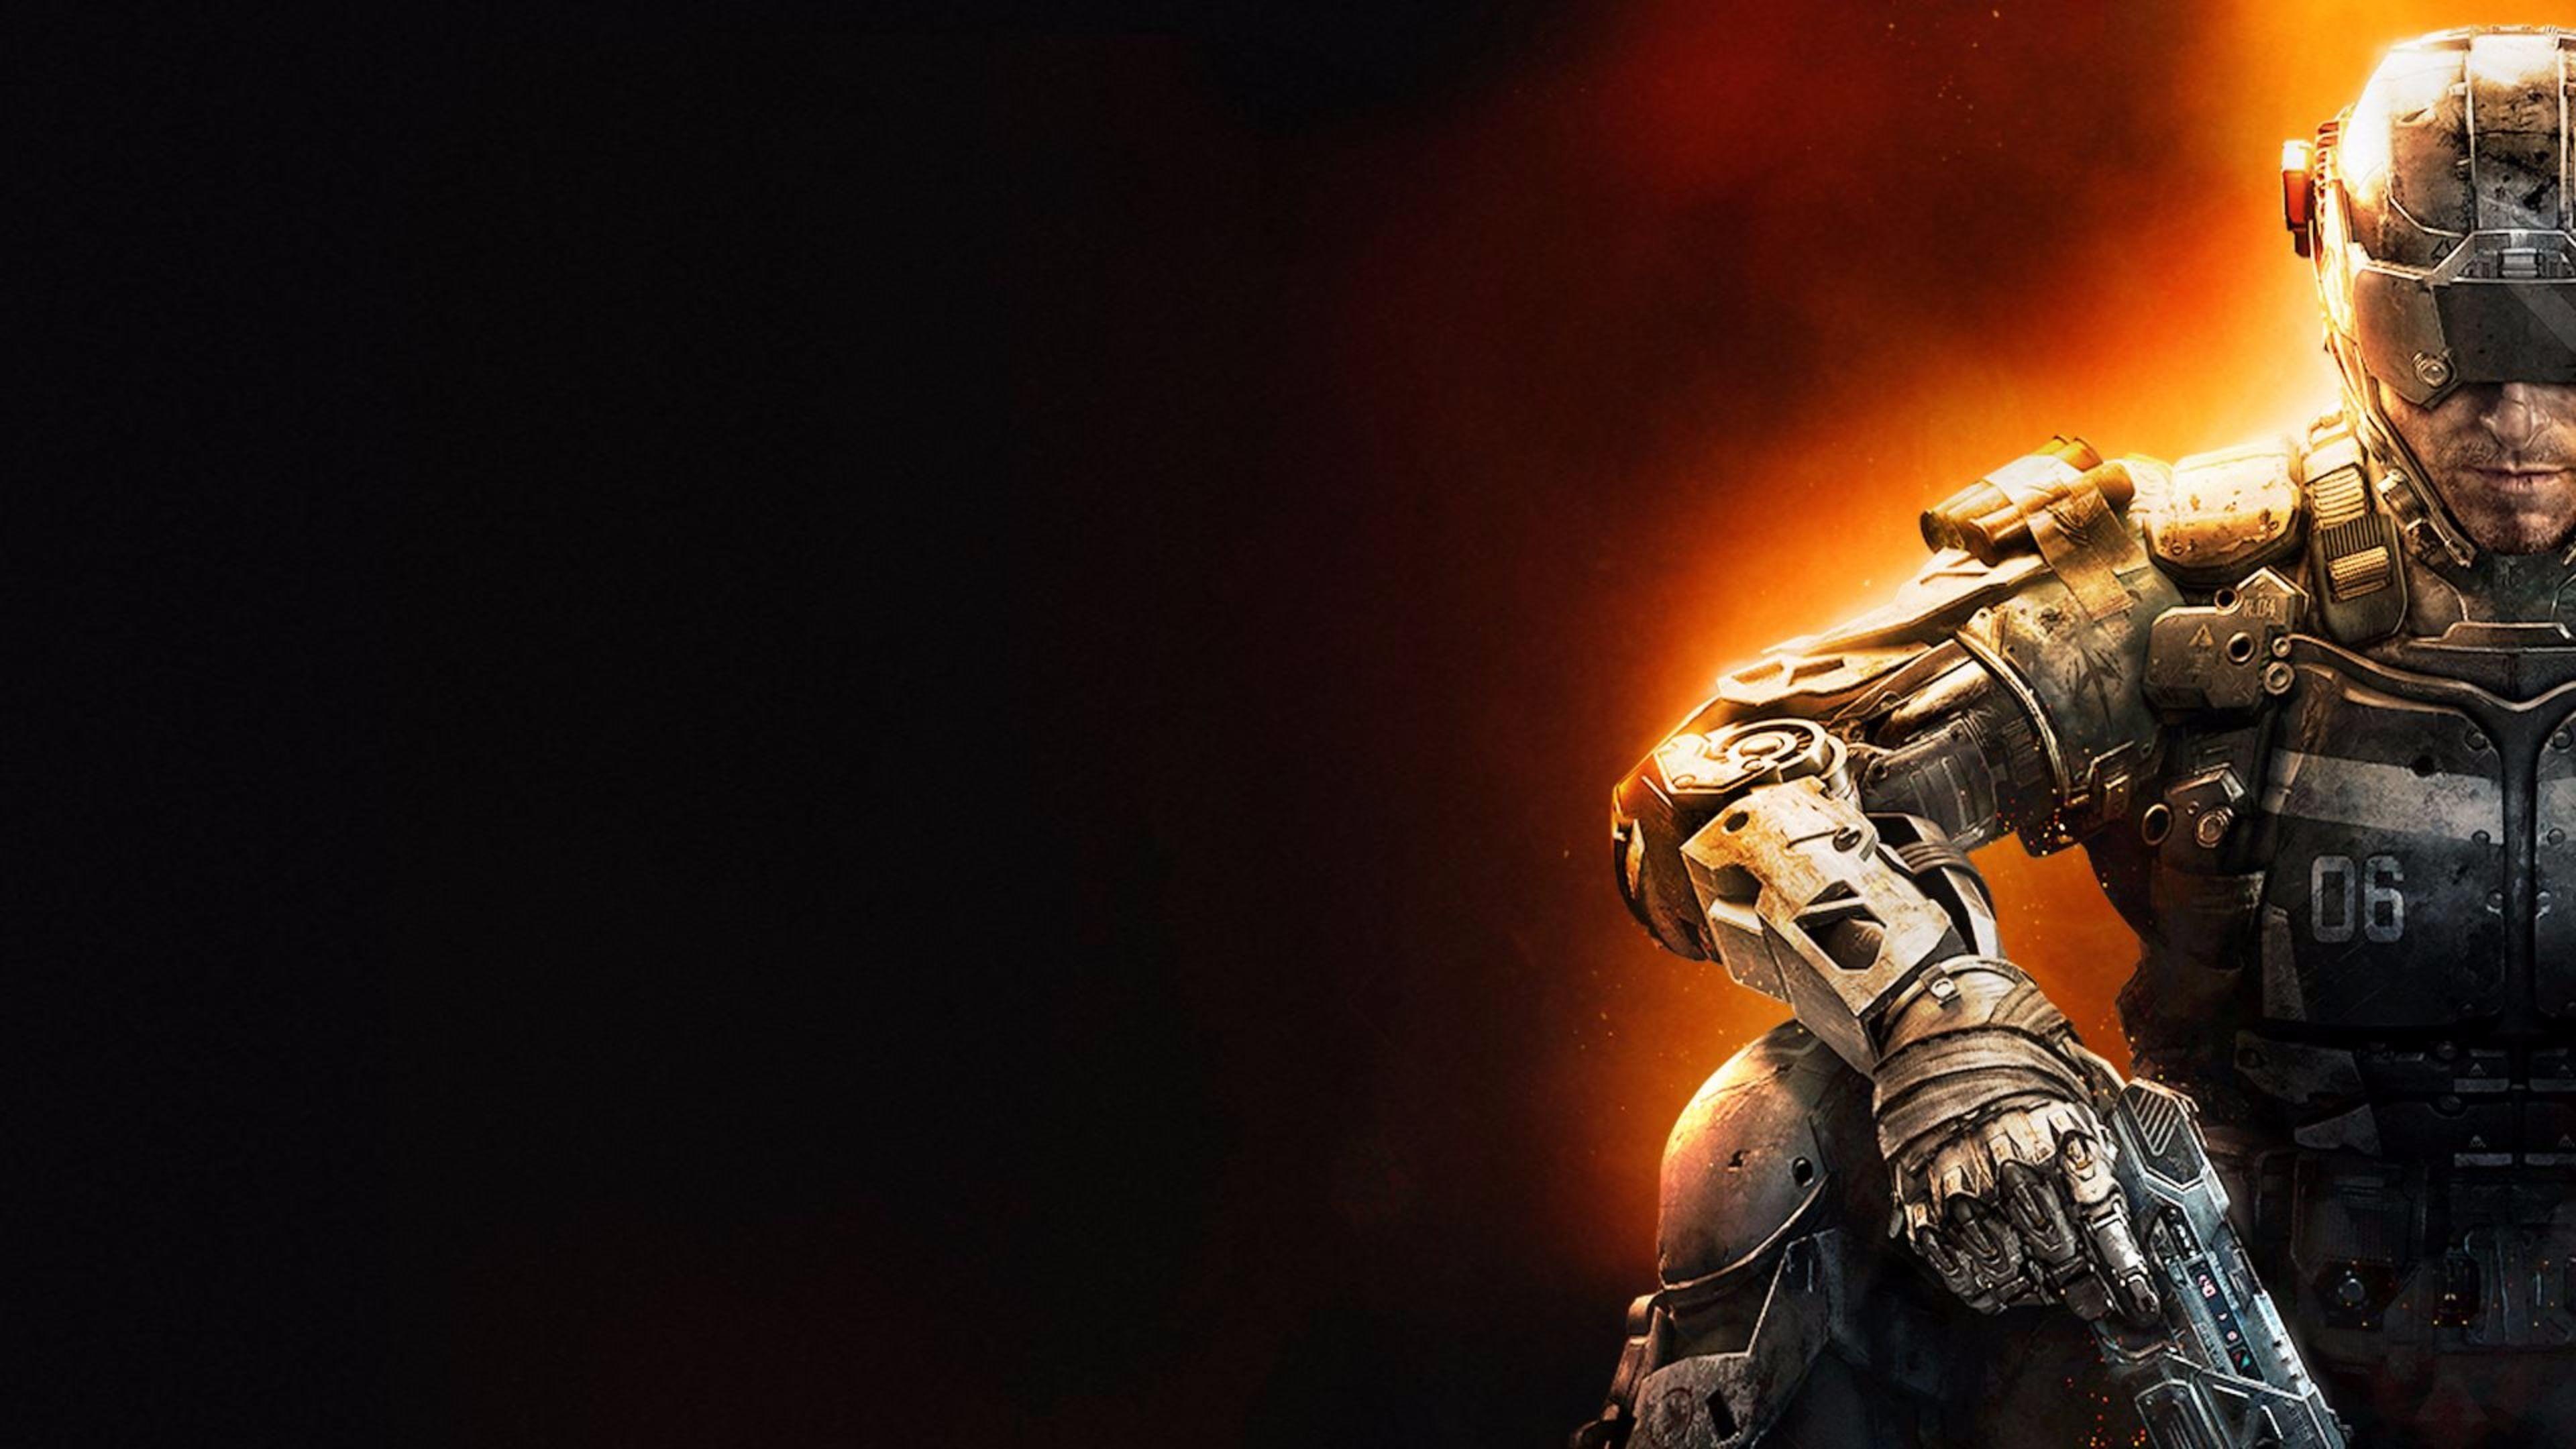 Free 2016 Call of Duty Black Ops 3 4K Wallpaper Free 4K Wallpaper 0megSt2a